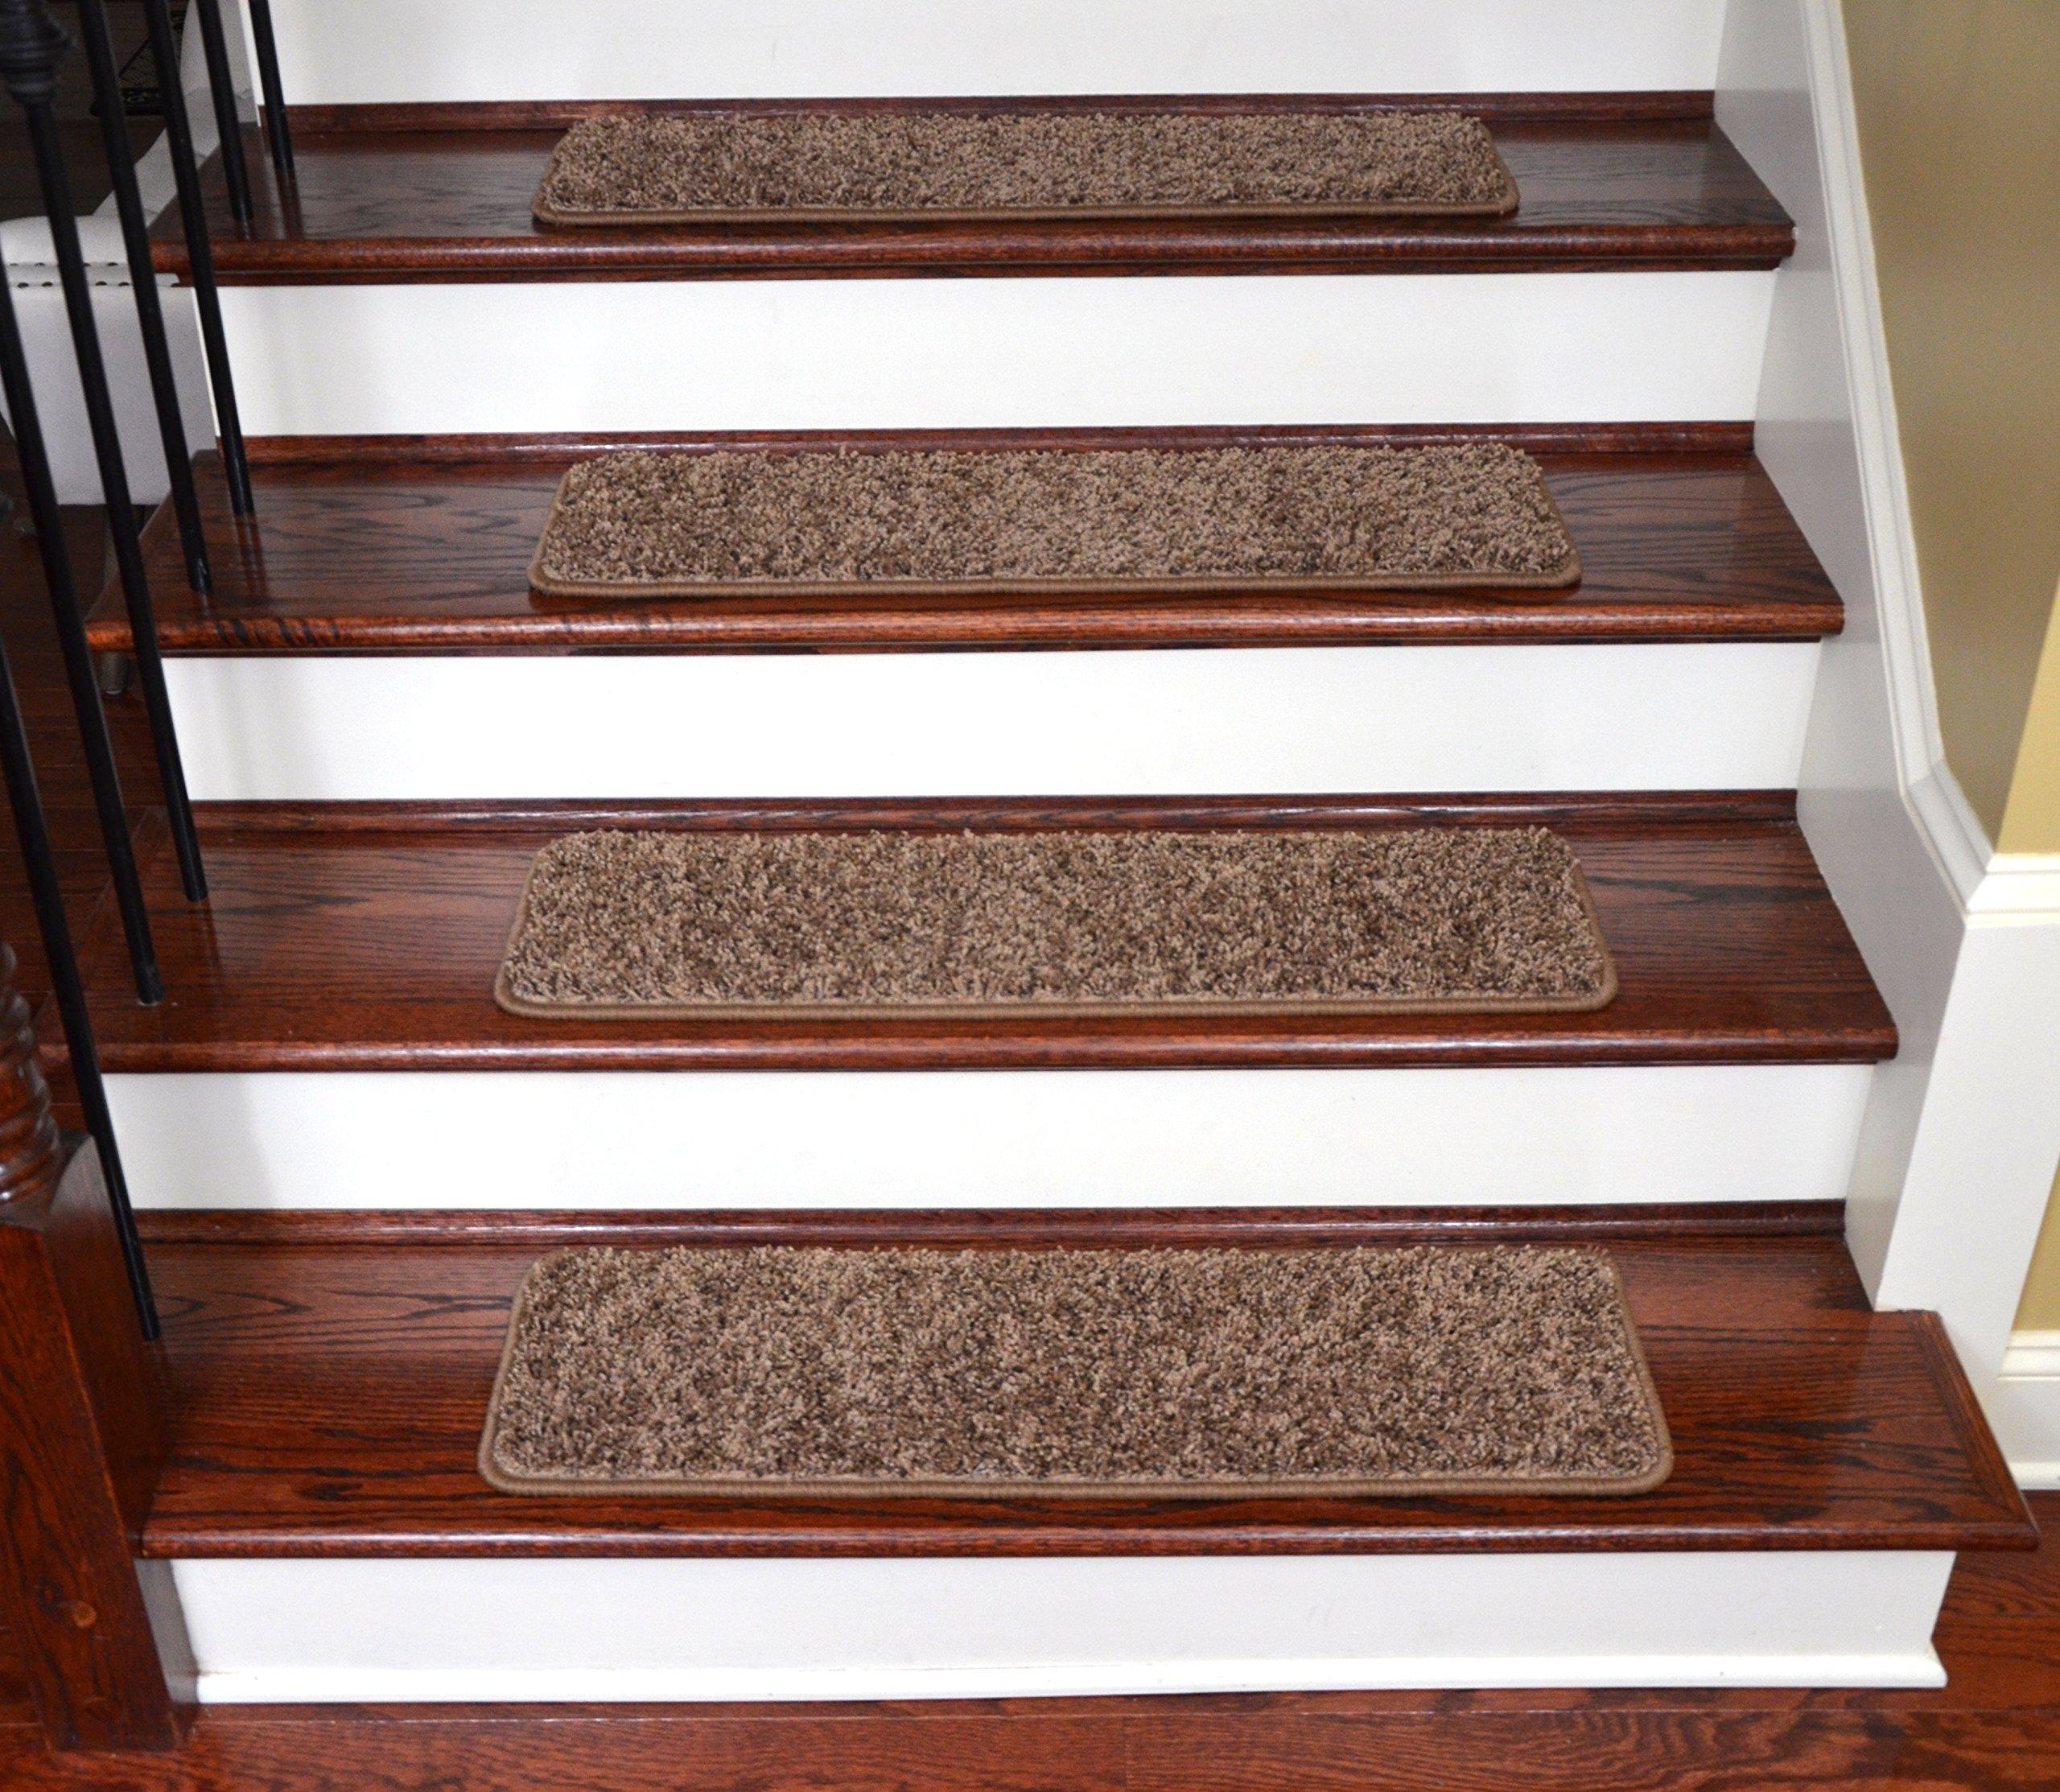 Dean Premium Stair Gripper Tape Free Non-Slip Pet Friendly DIY Carpet Stair Treads 30''x9'' (15) - Rivers Edge by Dean Flooring Company